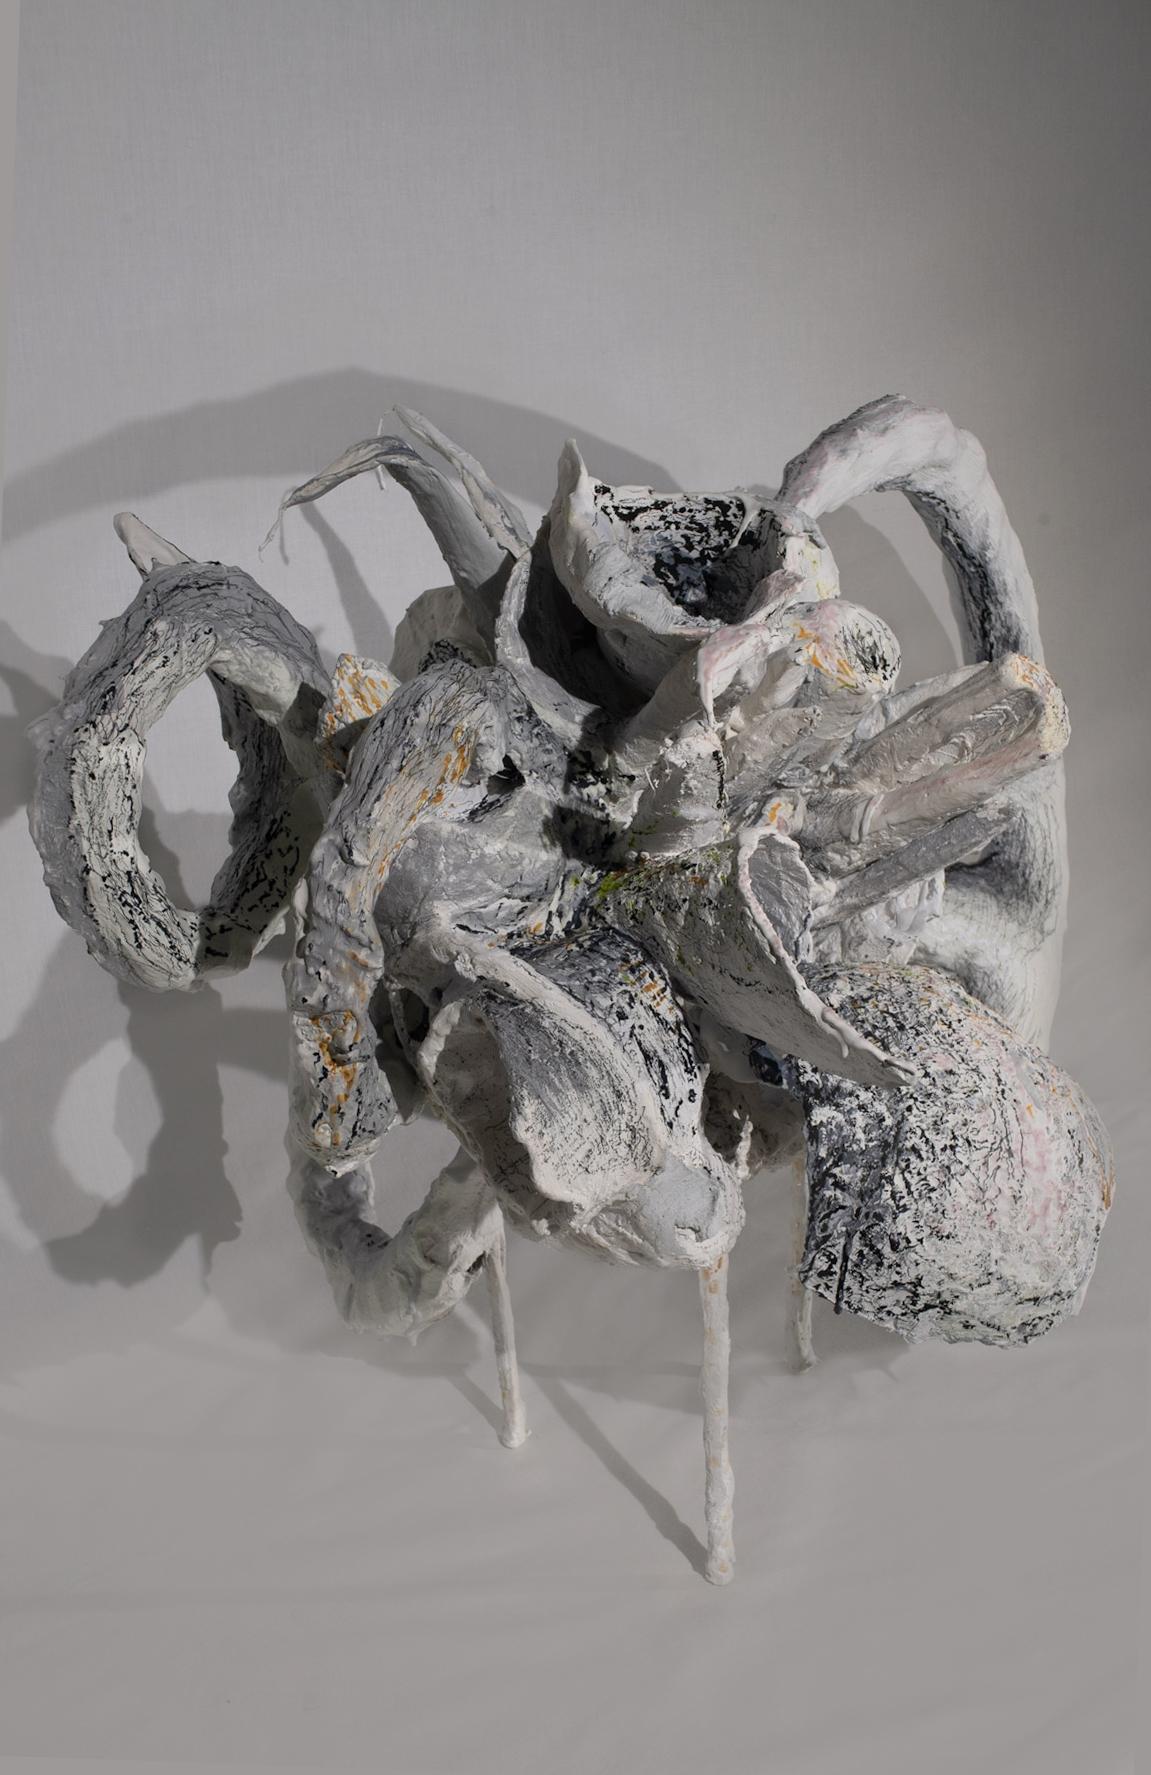 Floral arrangement plaster sculpture detail